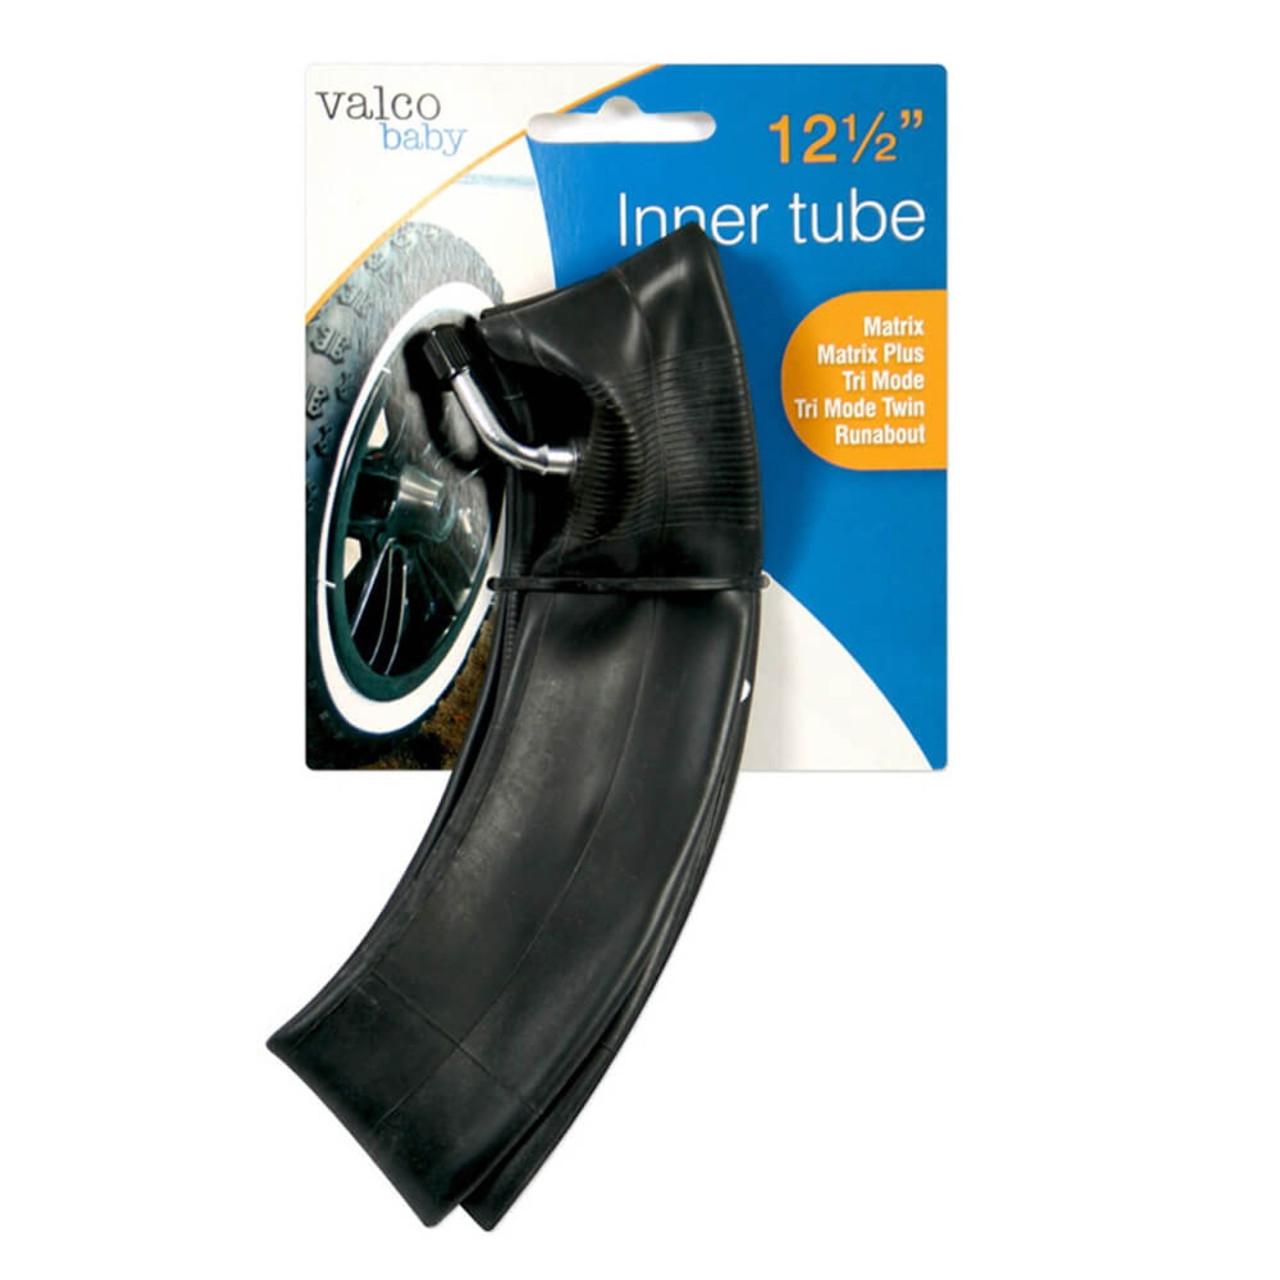 Valco 12 Inch Inner Tube